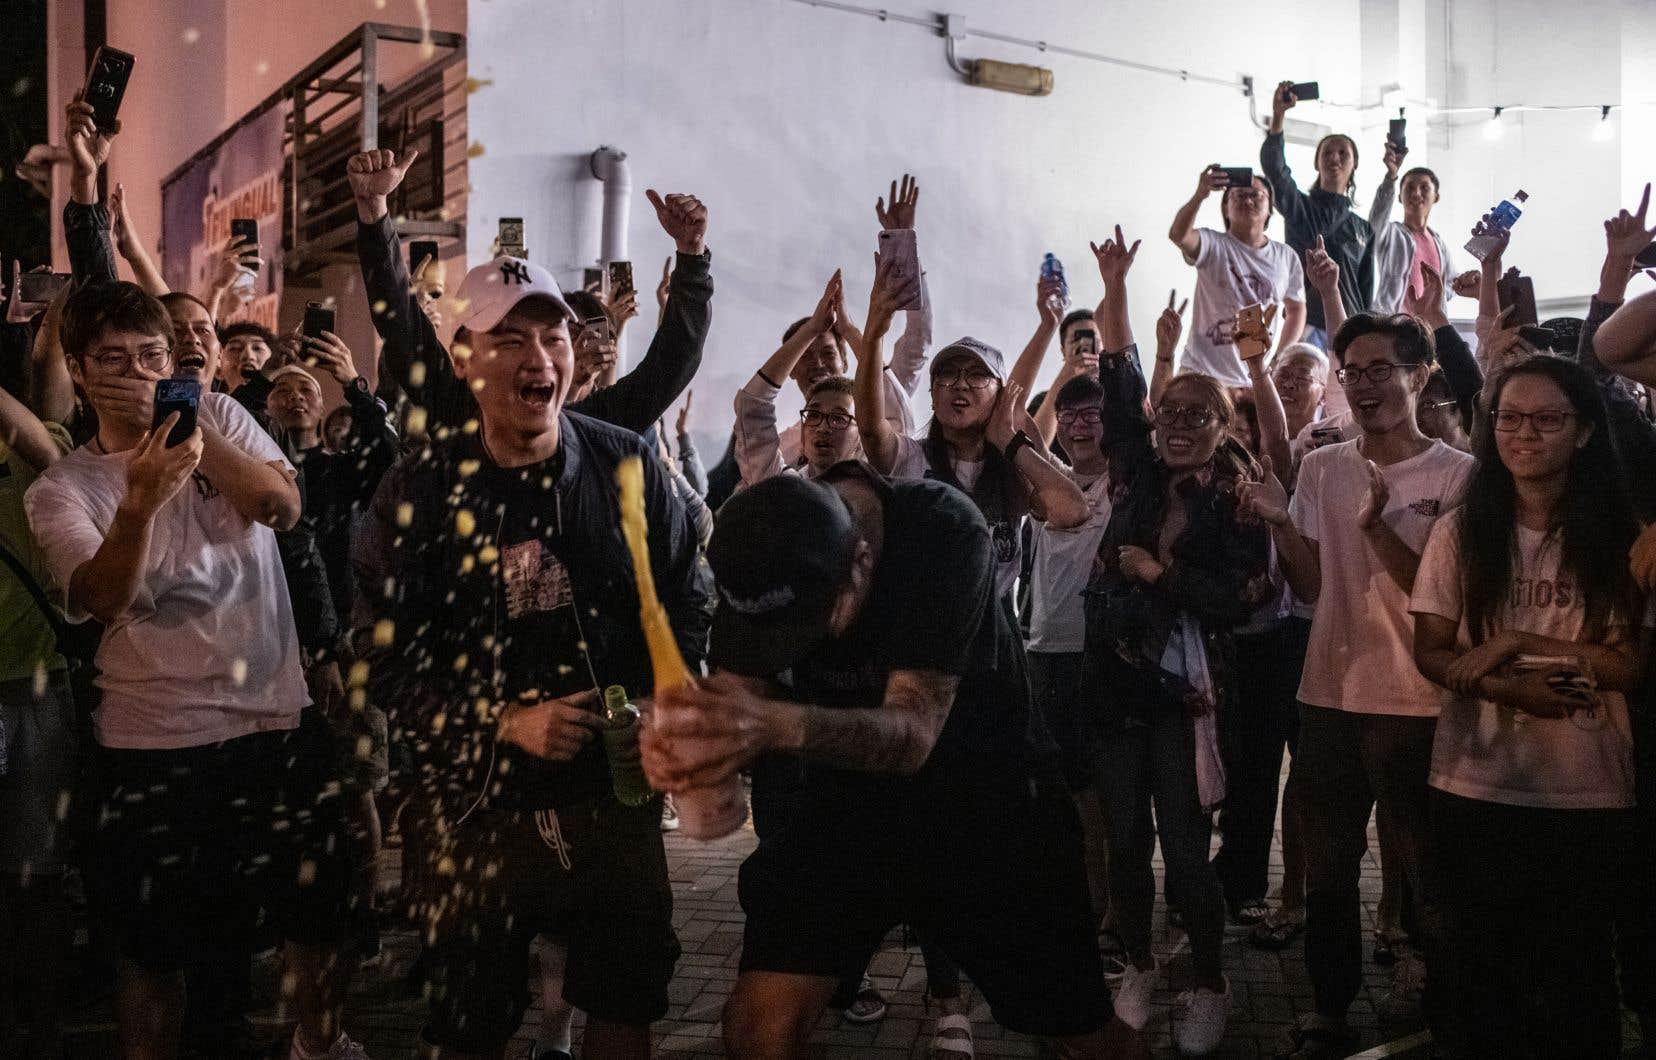 Une des victoires les plus significatives pour le mouvement prodémocratie a été enregistrée contre le conseiller Junius Kwan Ho, détesté des protestataires pour ses sympathies avec les forces répressives.